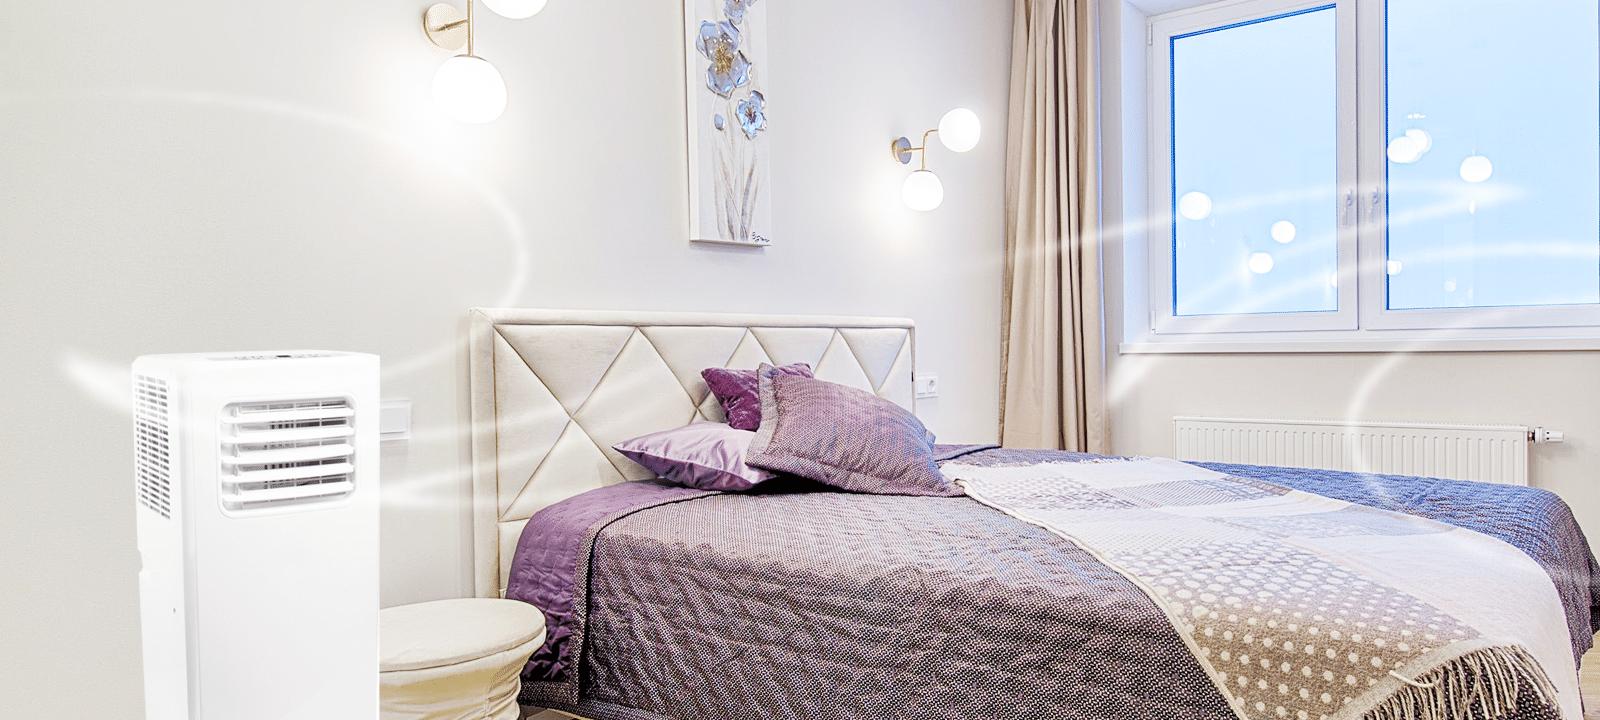 Wat is de beste mobiele airco voor de slaapkamer? Wij zochten het voor je uit!